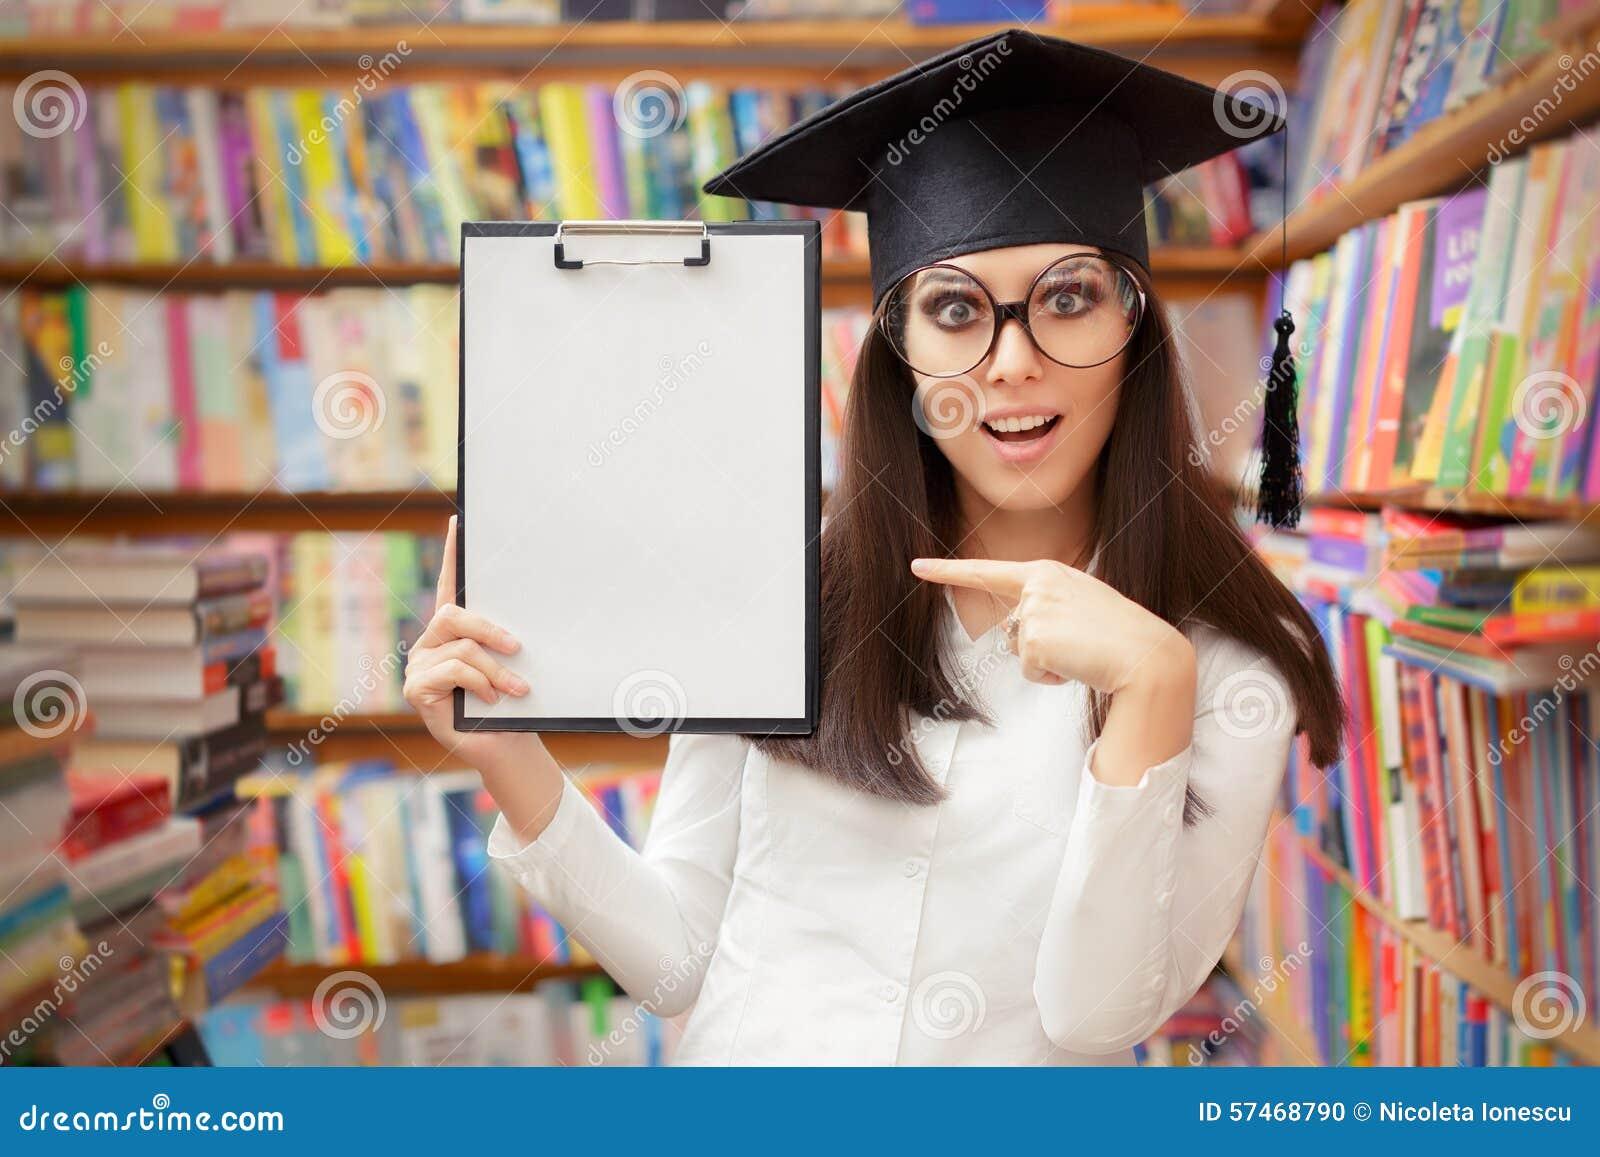 Estudante surpreendido Holding Blank Clipboard da escola